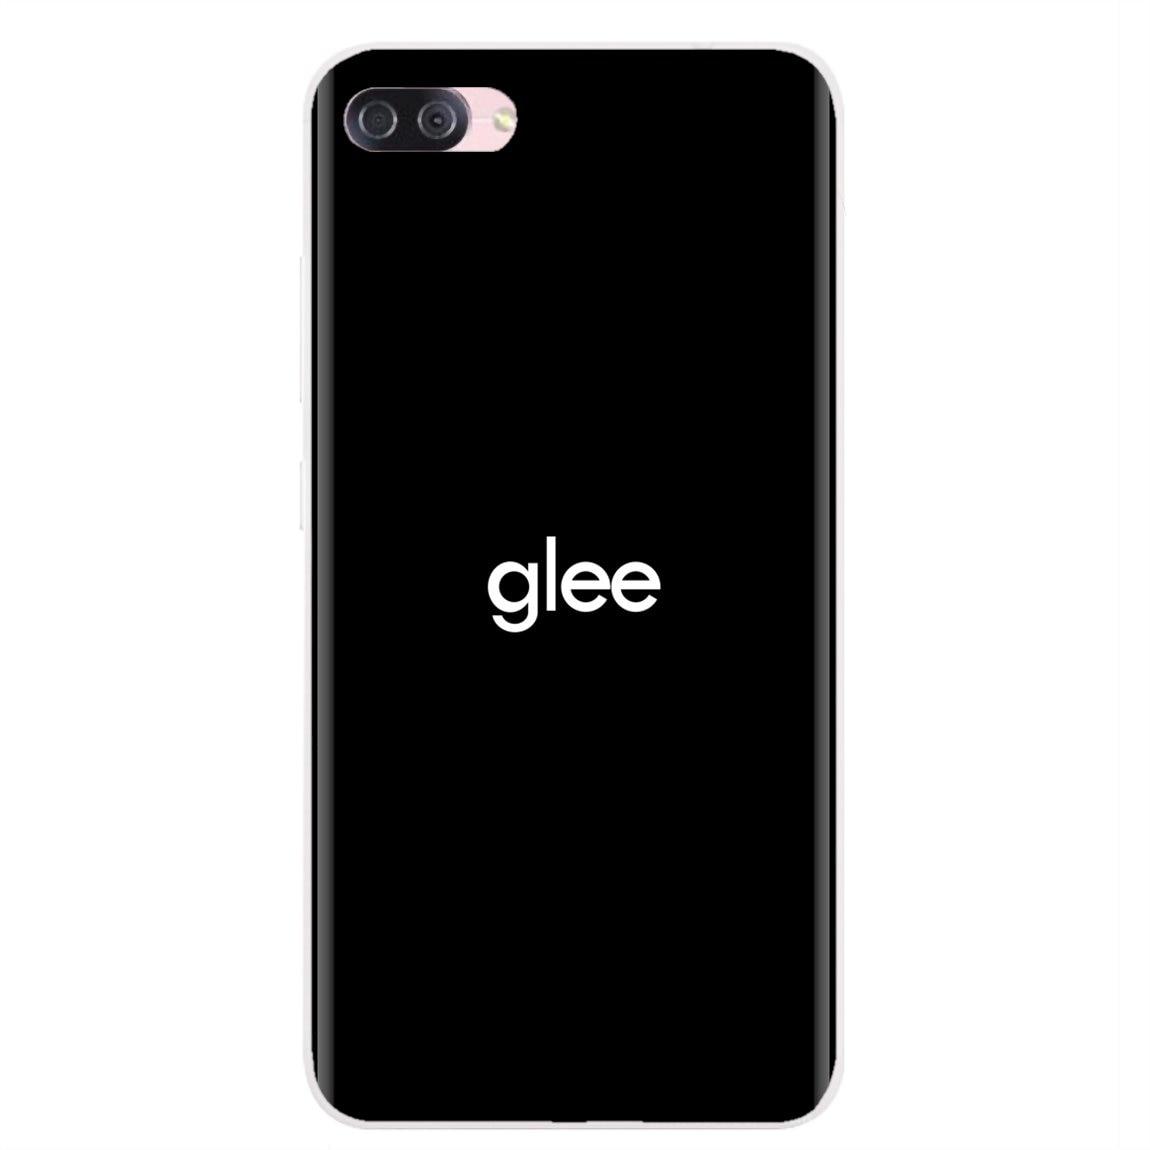 Glee estrella Cory Monteith para iPhone 11 Pro 4 4S 5 5S SE 5C 6 6S 7 7 8 X XR XS Plus Max para iPod Touch personalizar la caja del teléfono de silicona